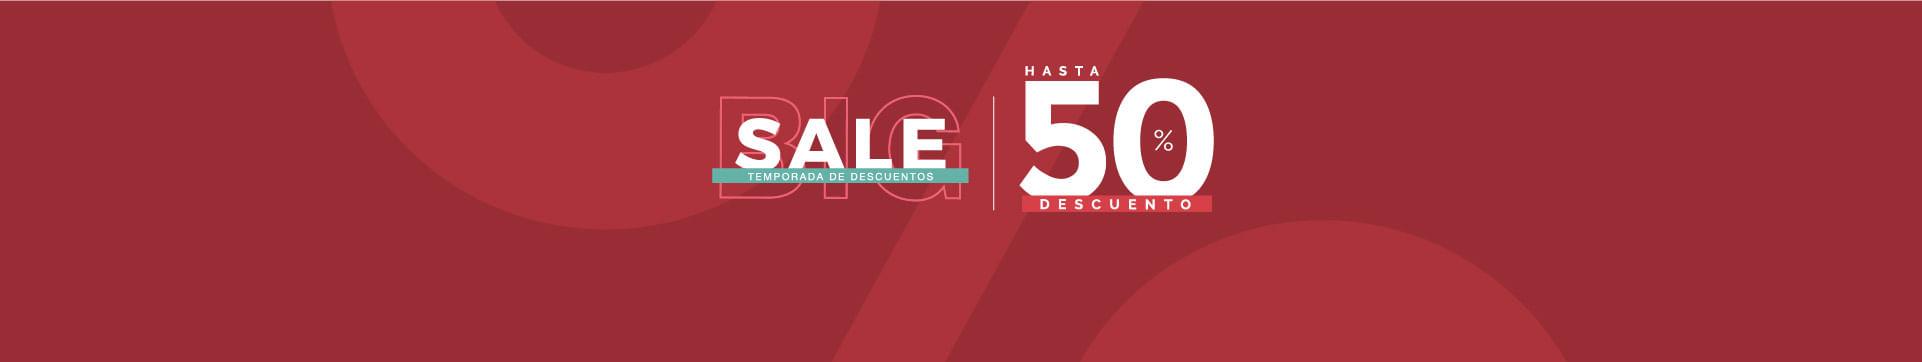 Compra en nuestra Tienda Online Vélez con los mejores descuentos en bigsale